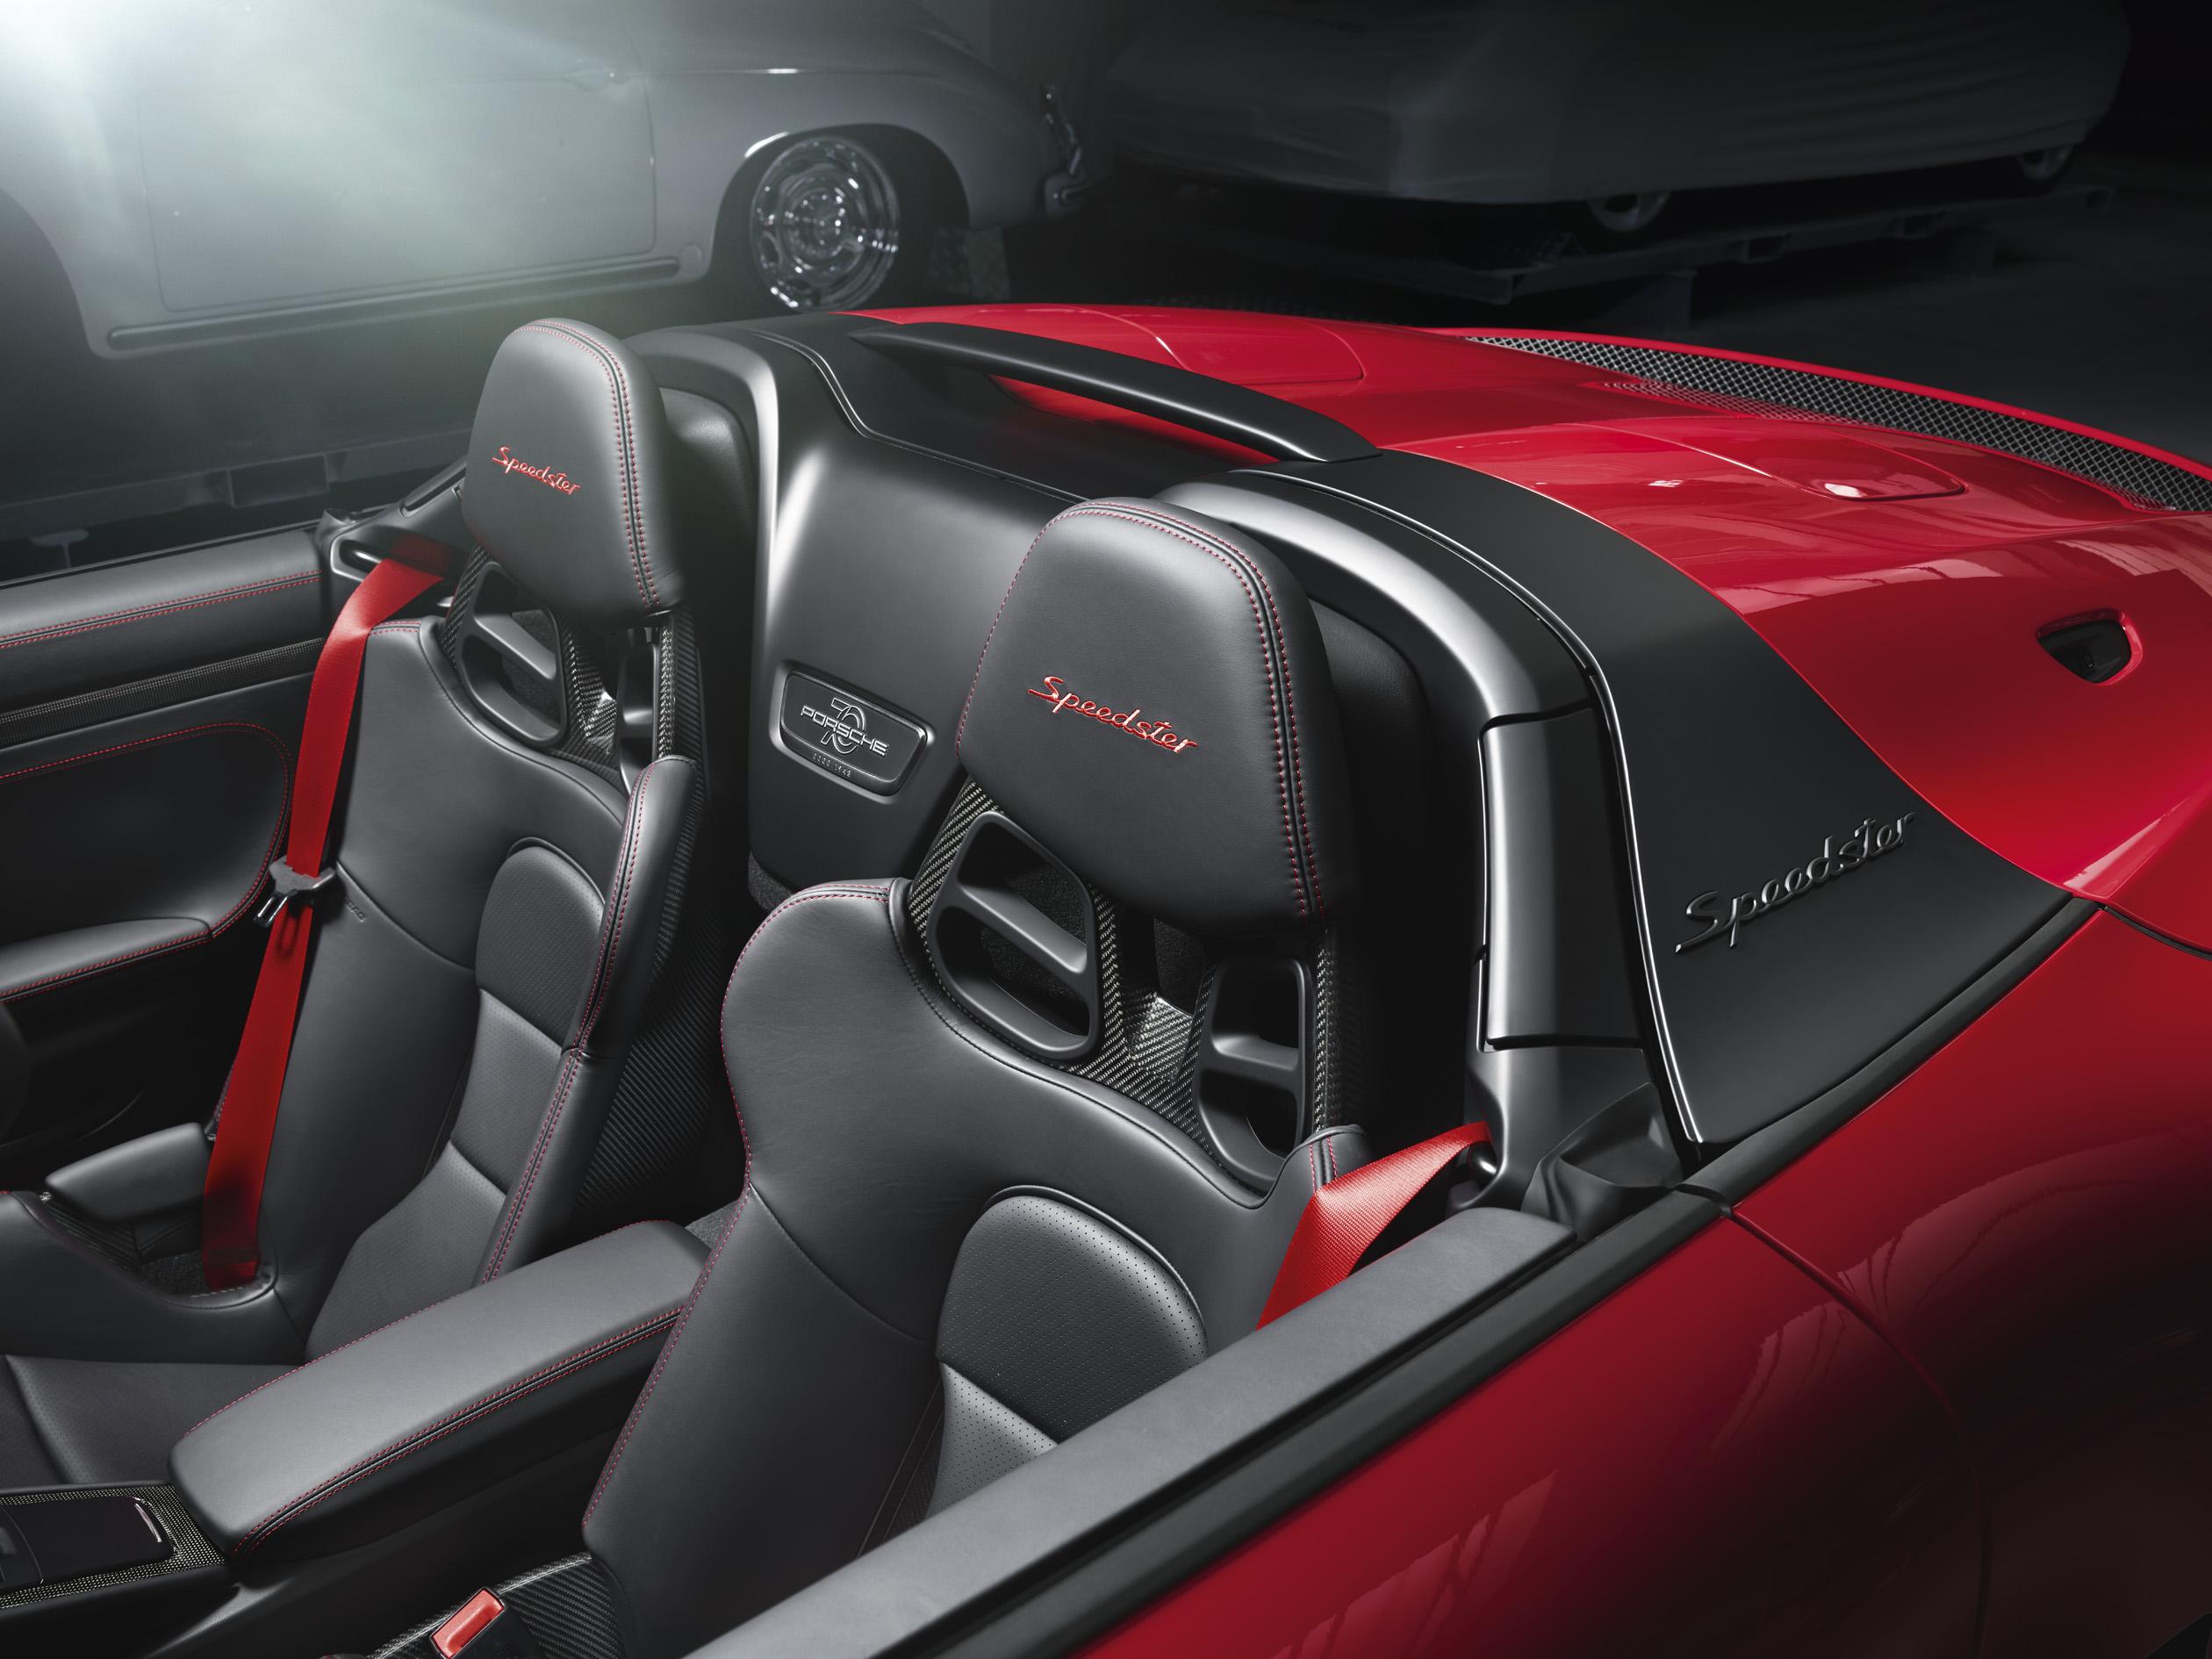 Porsche 911 Speedster seat detail